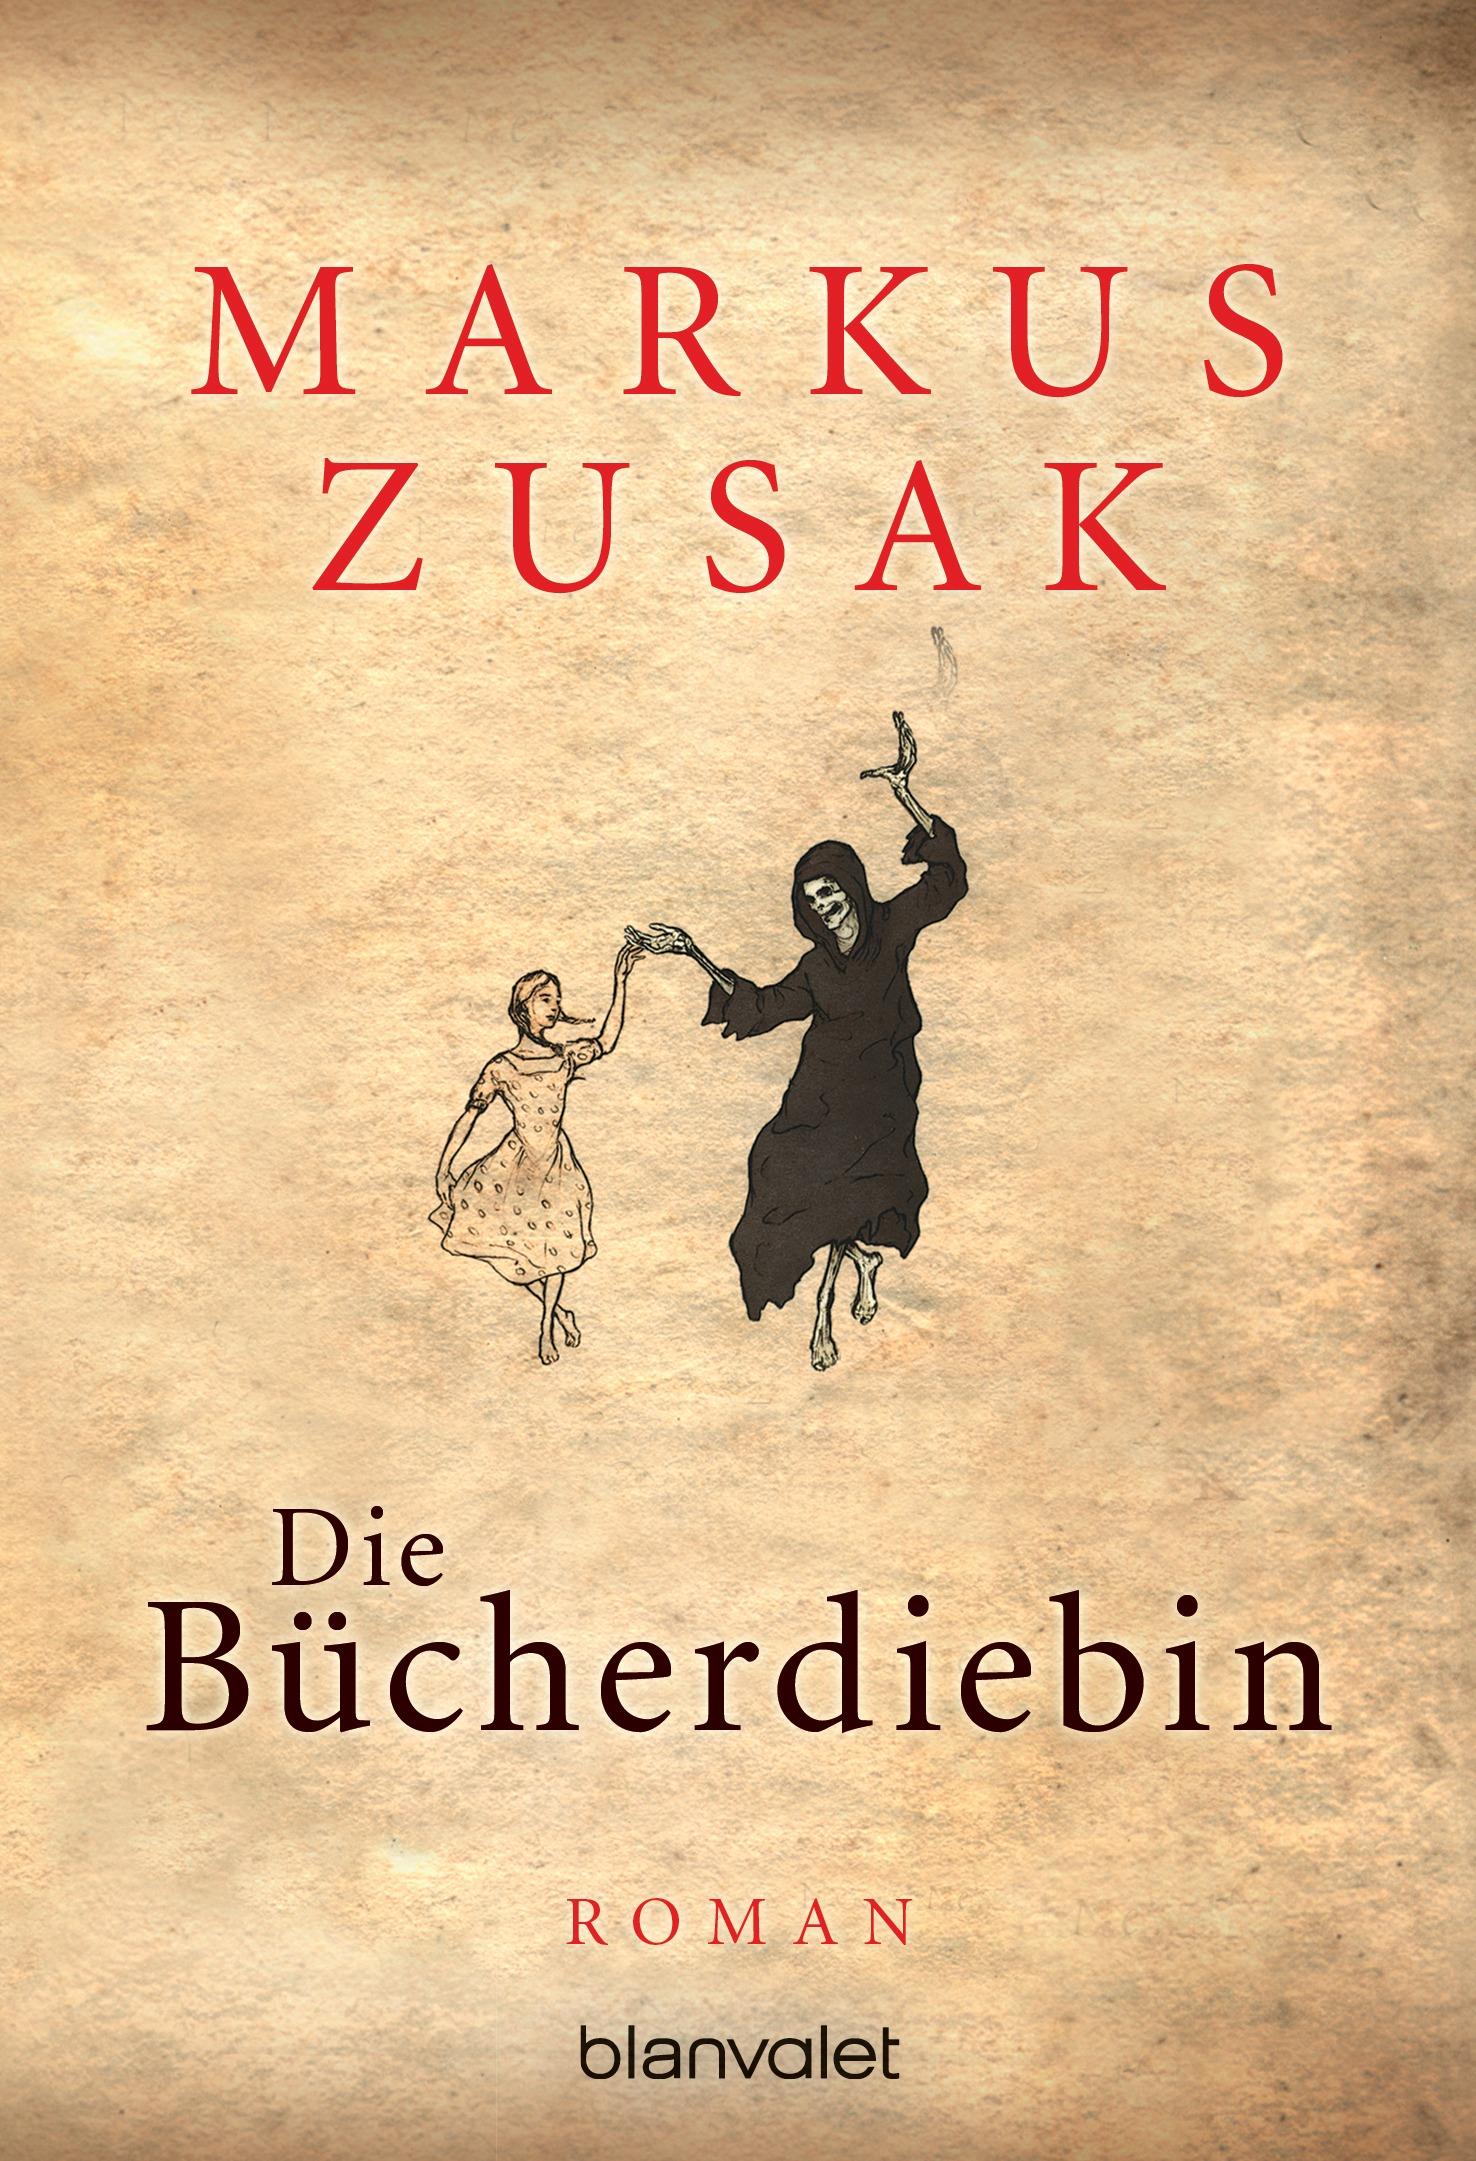 Die Bücherdiebin - Markus Zusak [Taschenbuch]